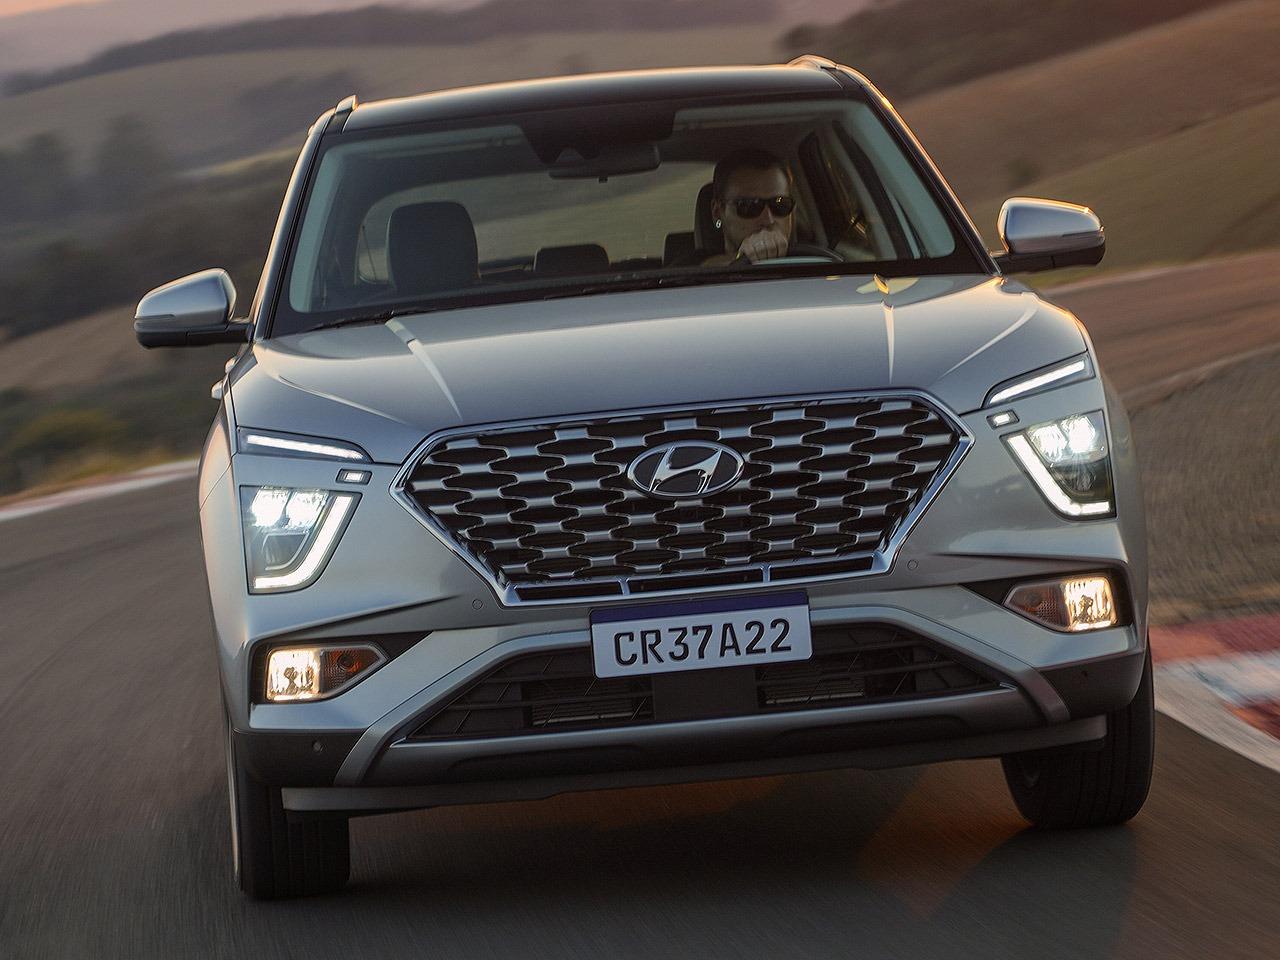 Assim como no HB20, Hyundai ousou no estilo do novo Creta